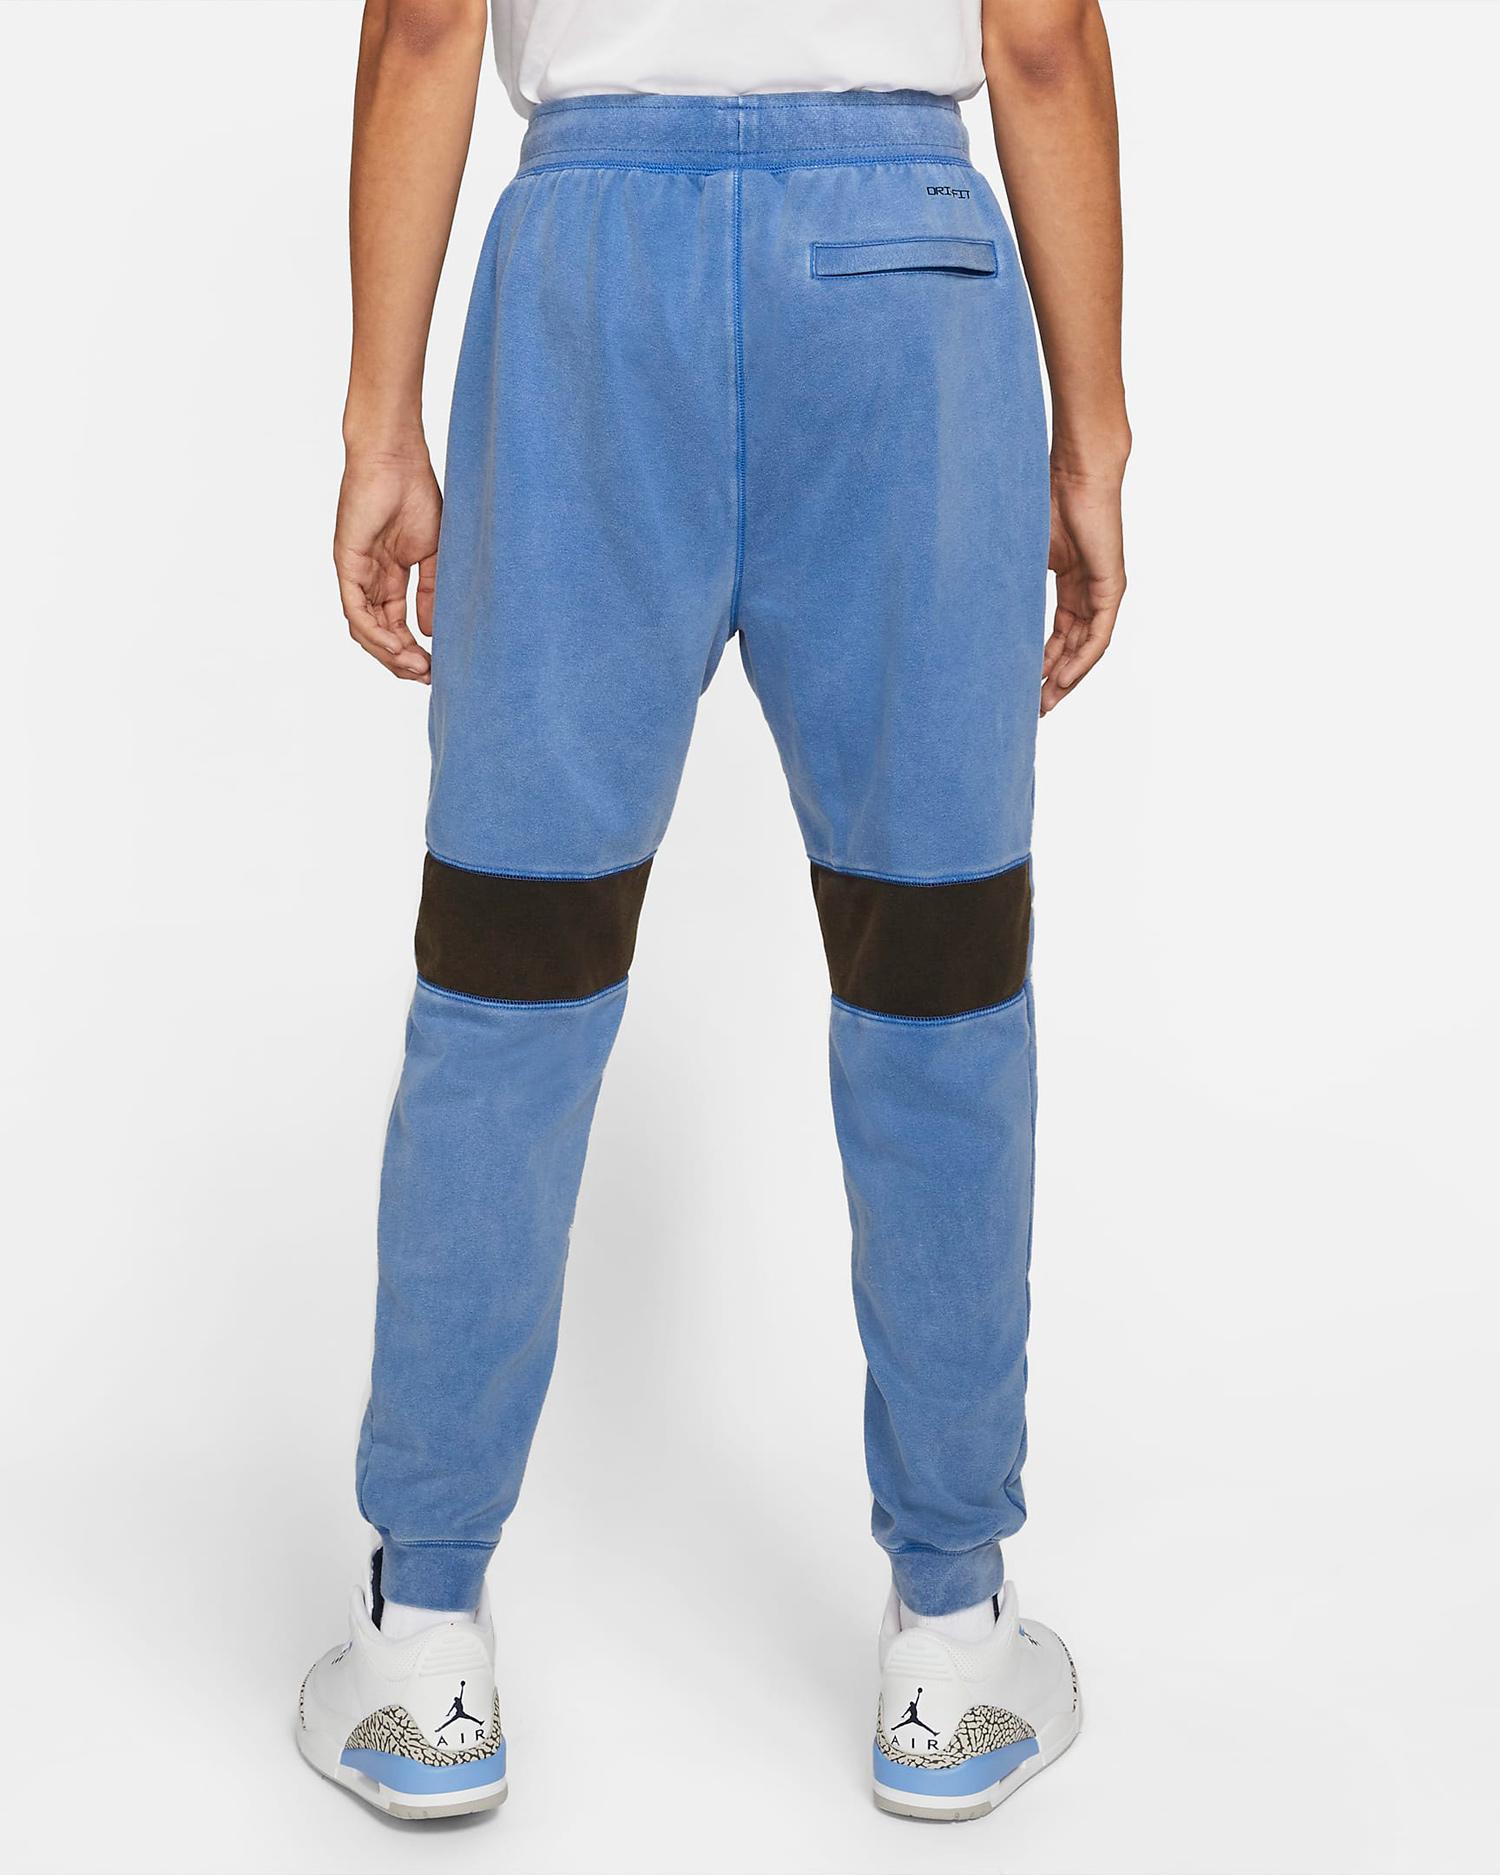 jordan-hyper-royal-dri-fit-air-pants-2